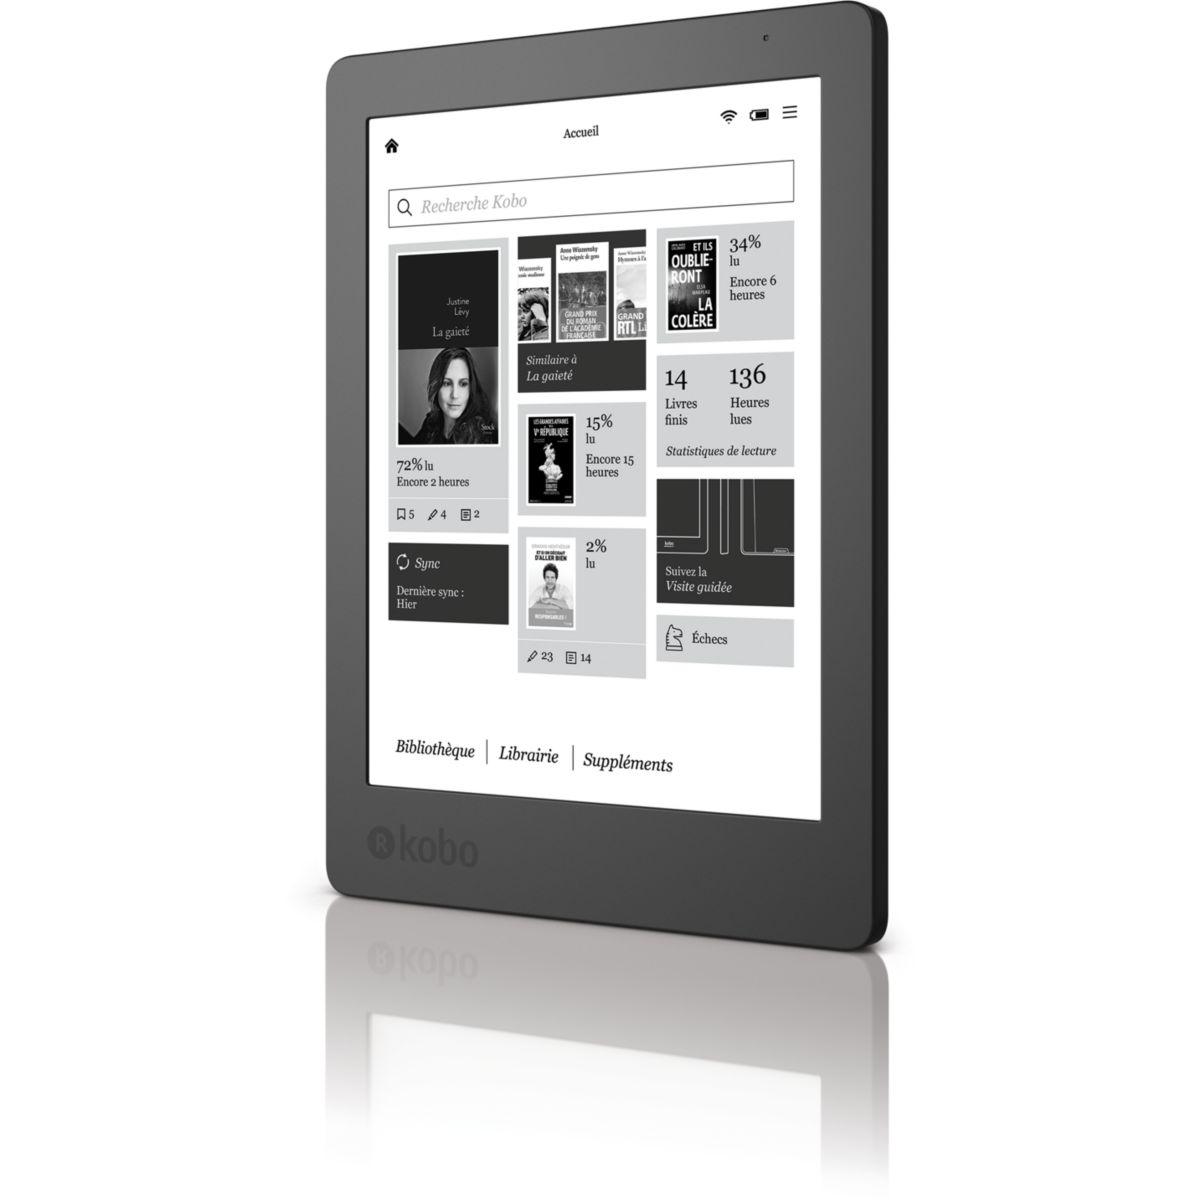 e-book KOBO Aura 2 (photo)